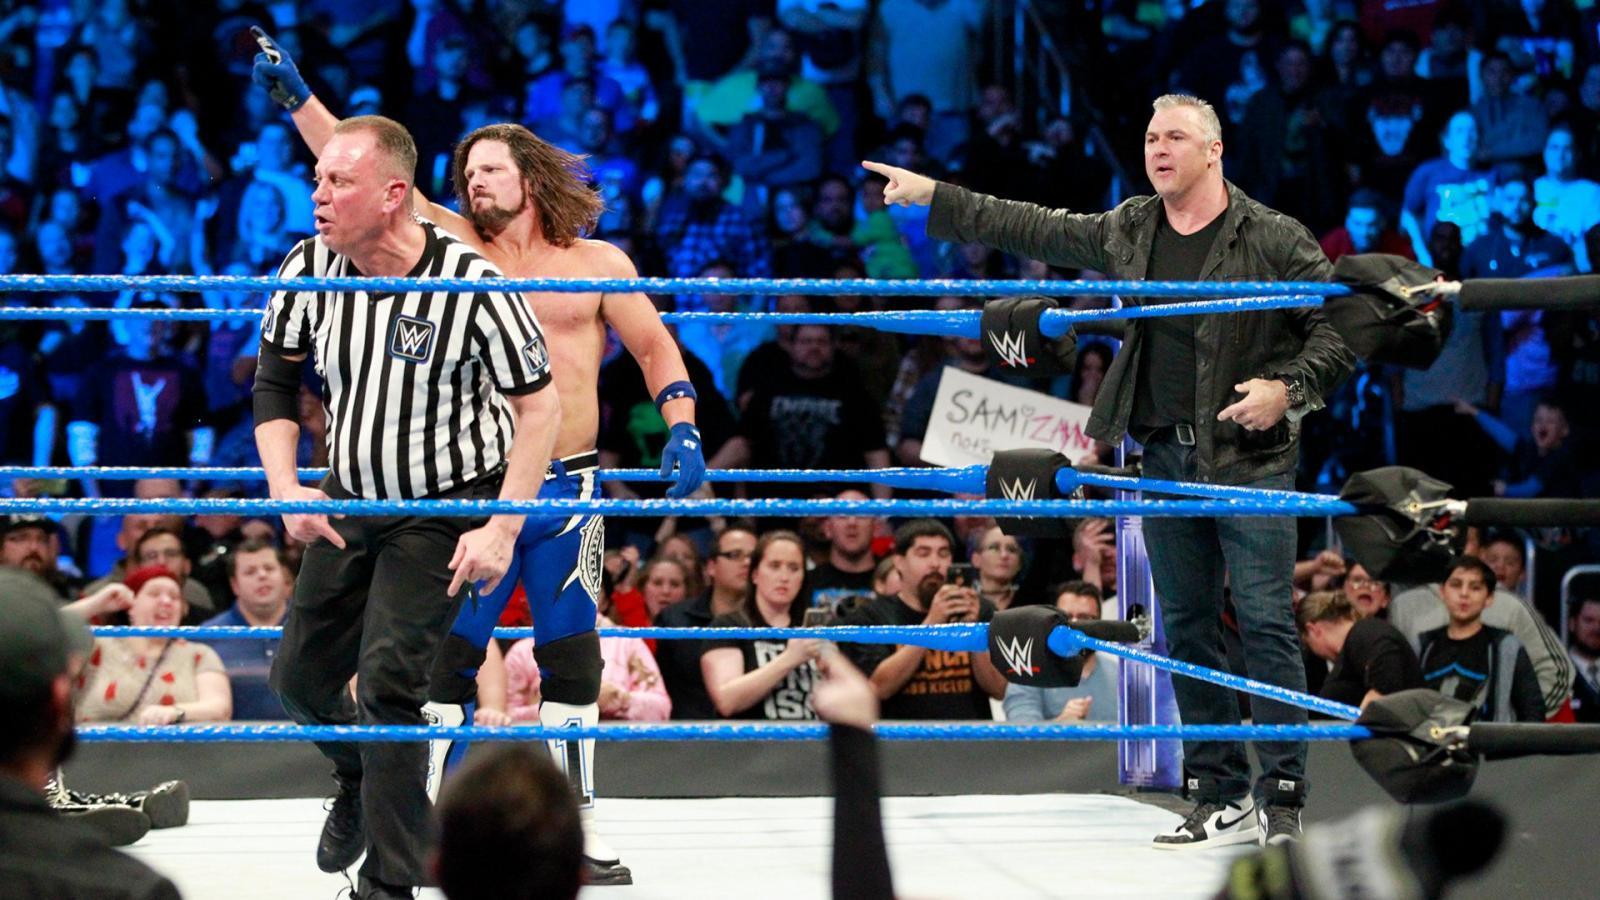 WWE RAW RESULTS 3 जनवरी 2018: ये रहे स्मैकडाउन में हुए सभी मैचो के रिजल्ट्स 10